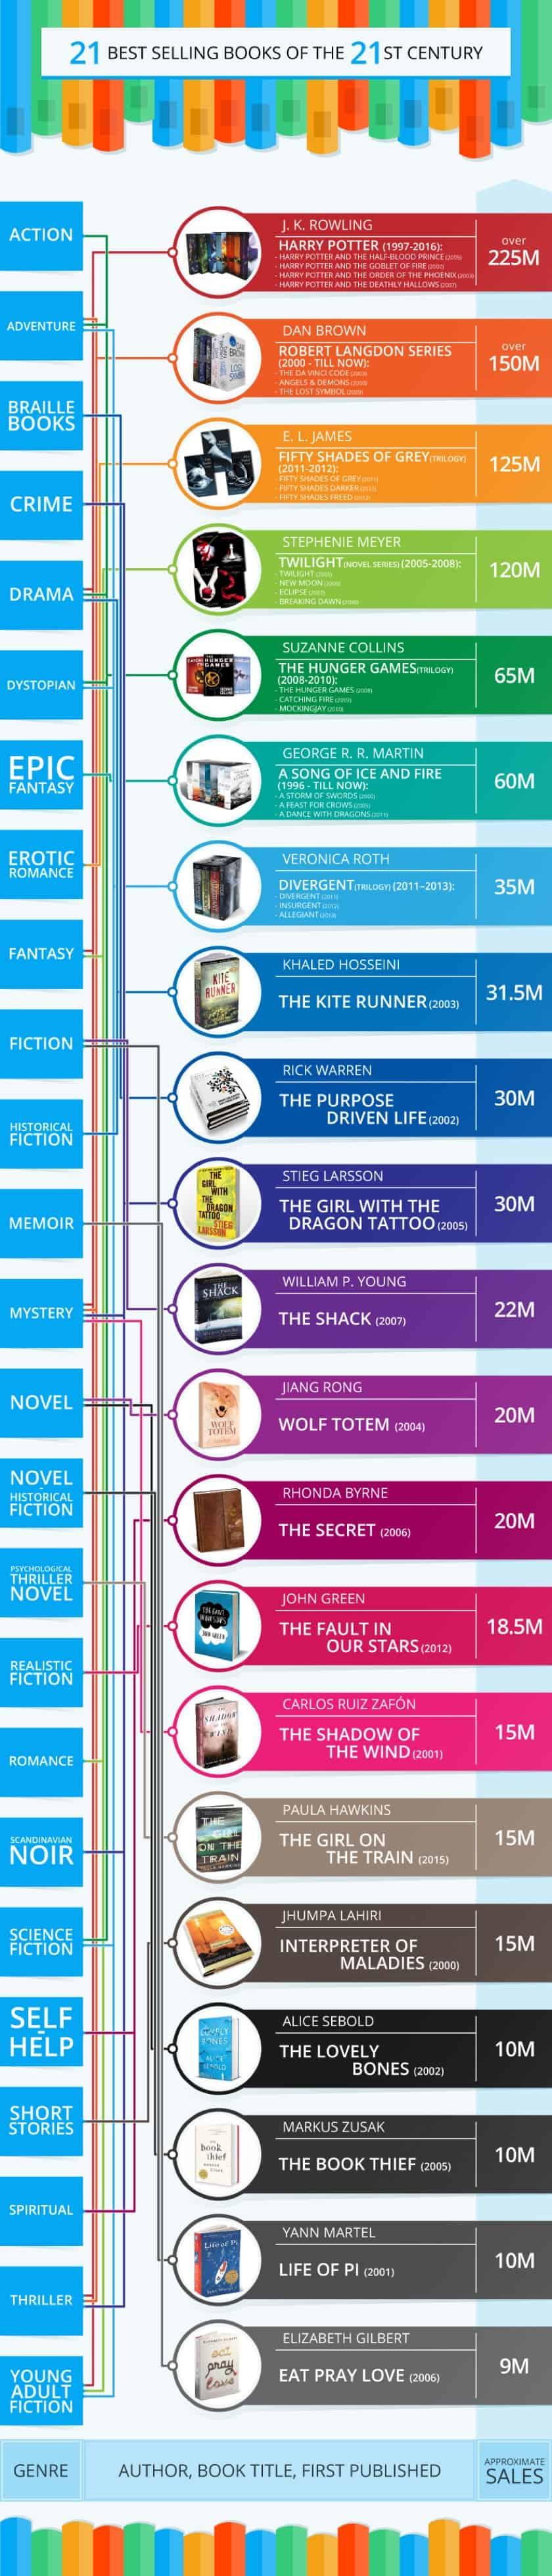 21 cuốn sách bán chạy nhất thế kỷ 21